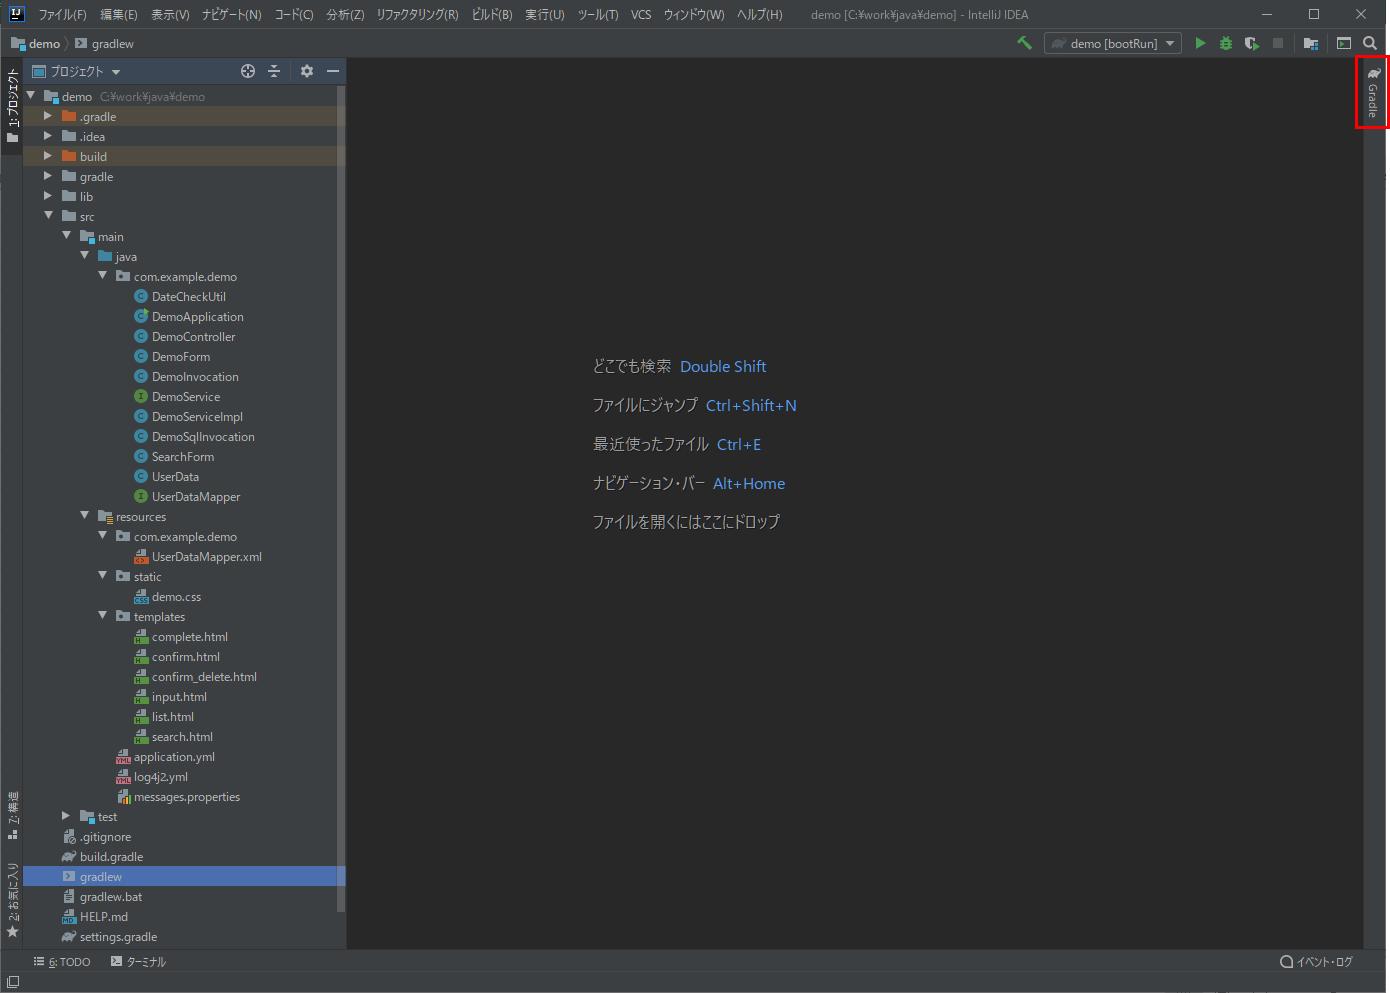 intellijによるbootRun起動_1